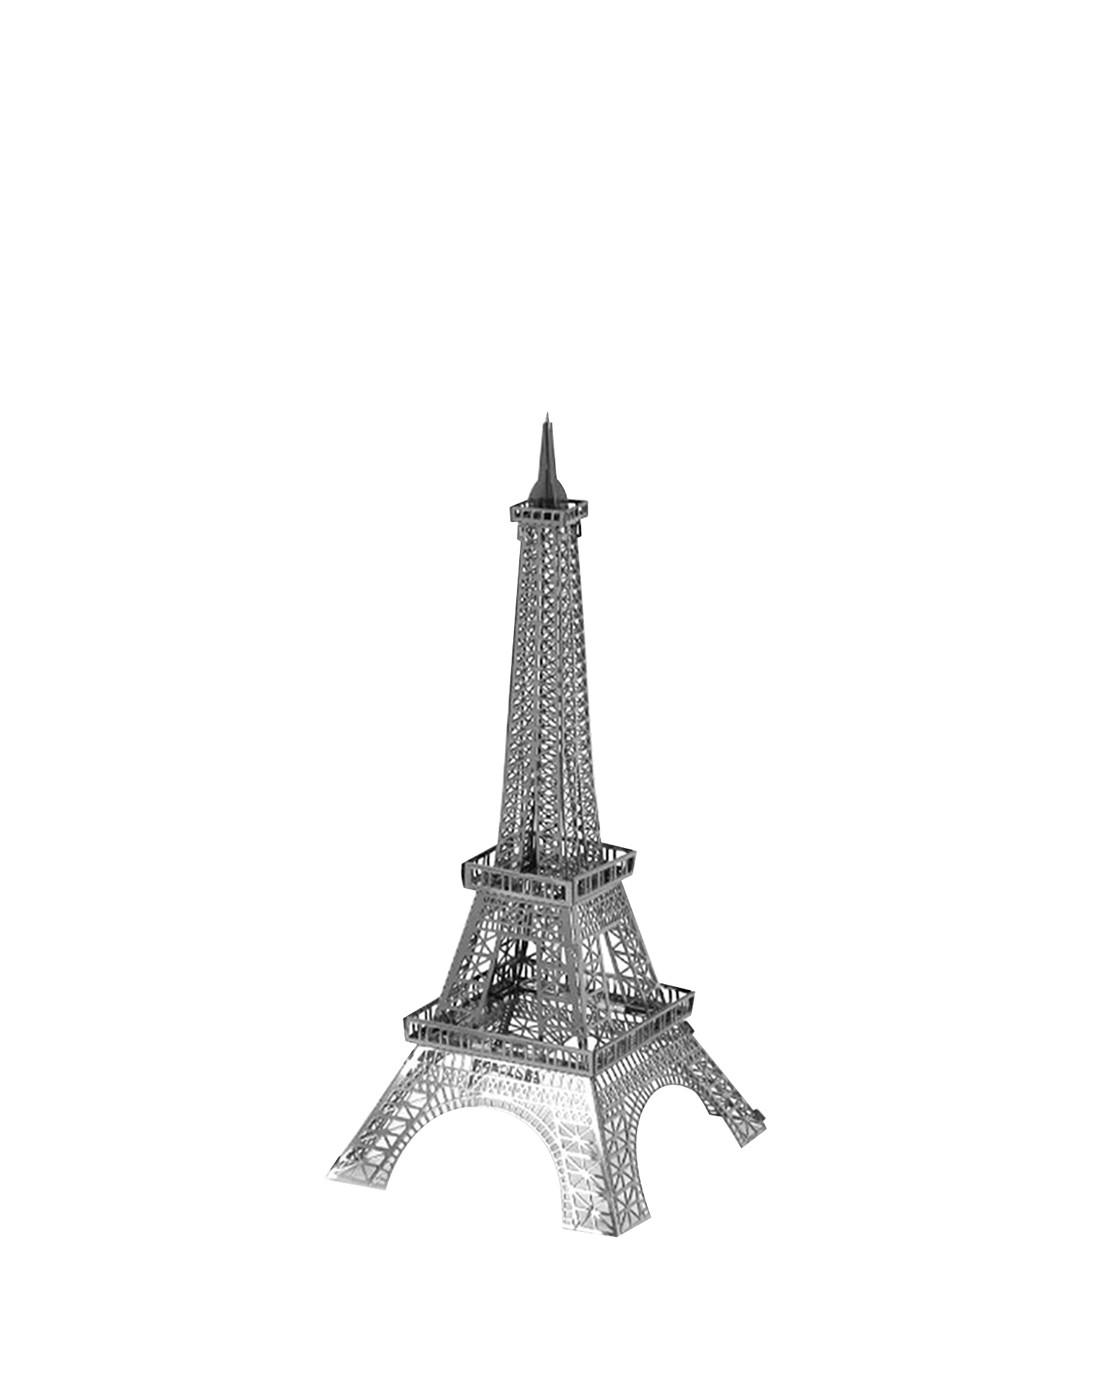 趣玩创意(埃菲尔铁塔)3d微型立体雕塑拼图41434